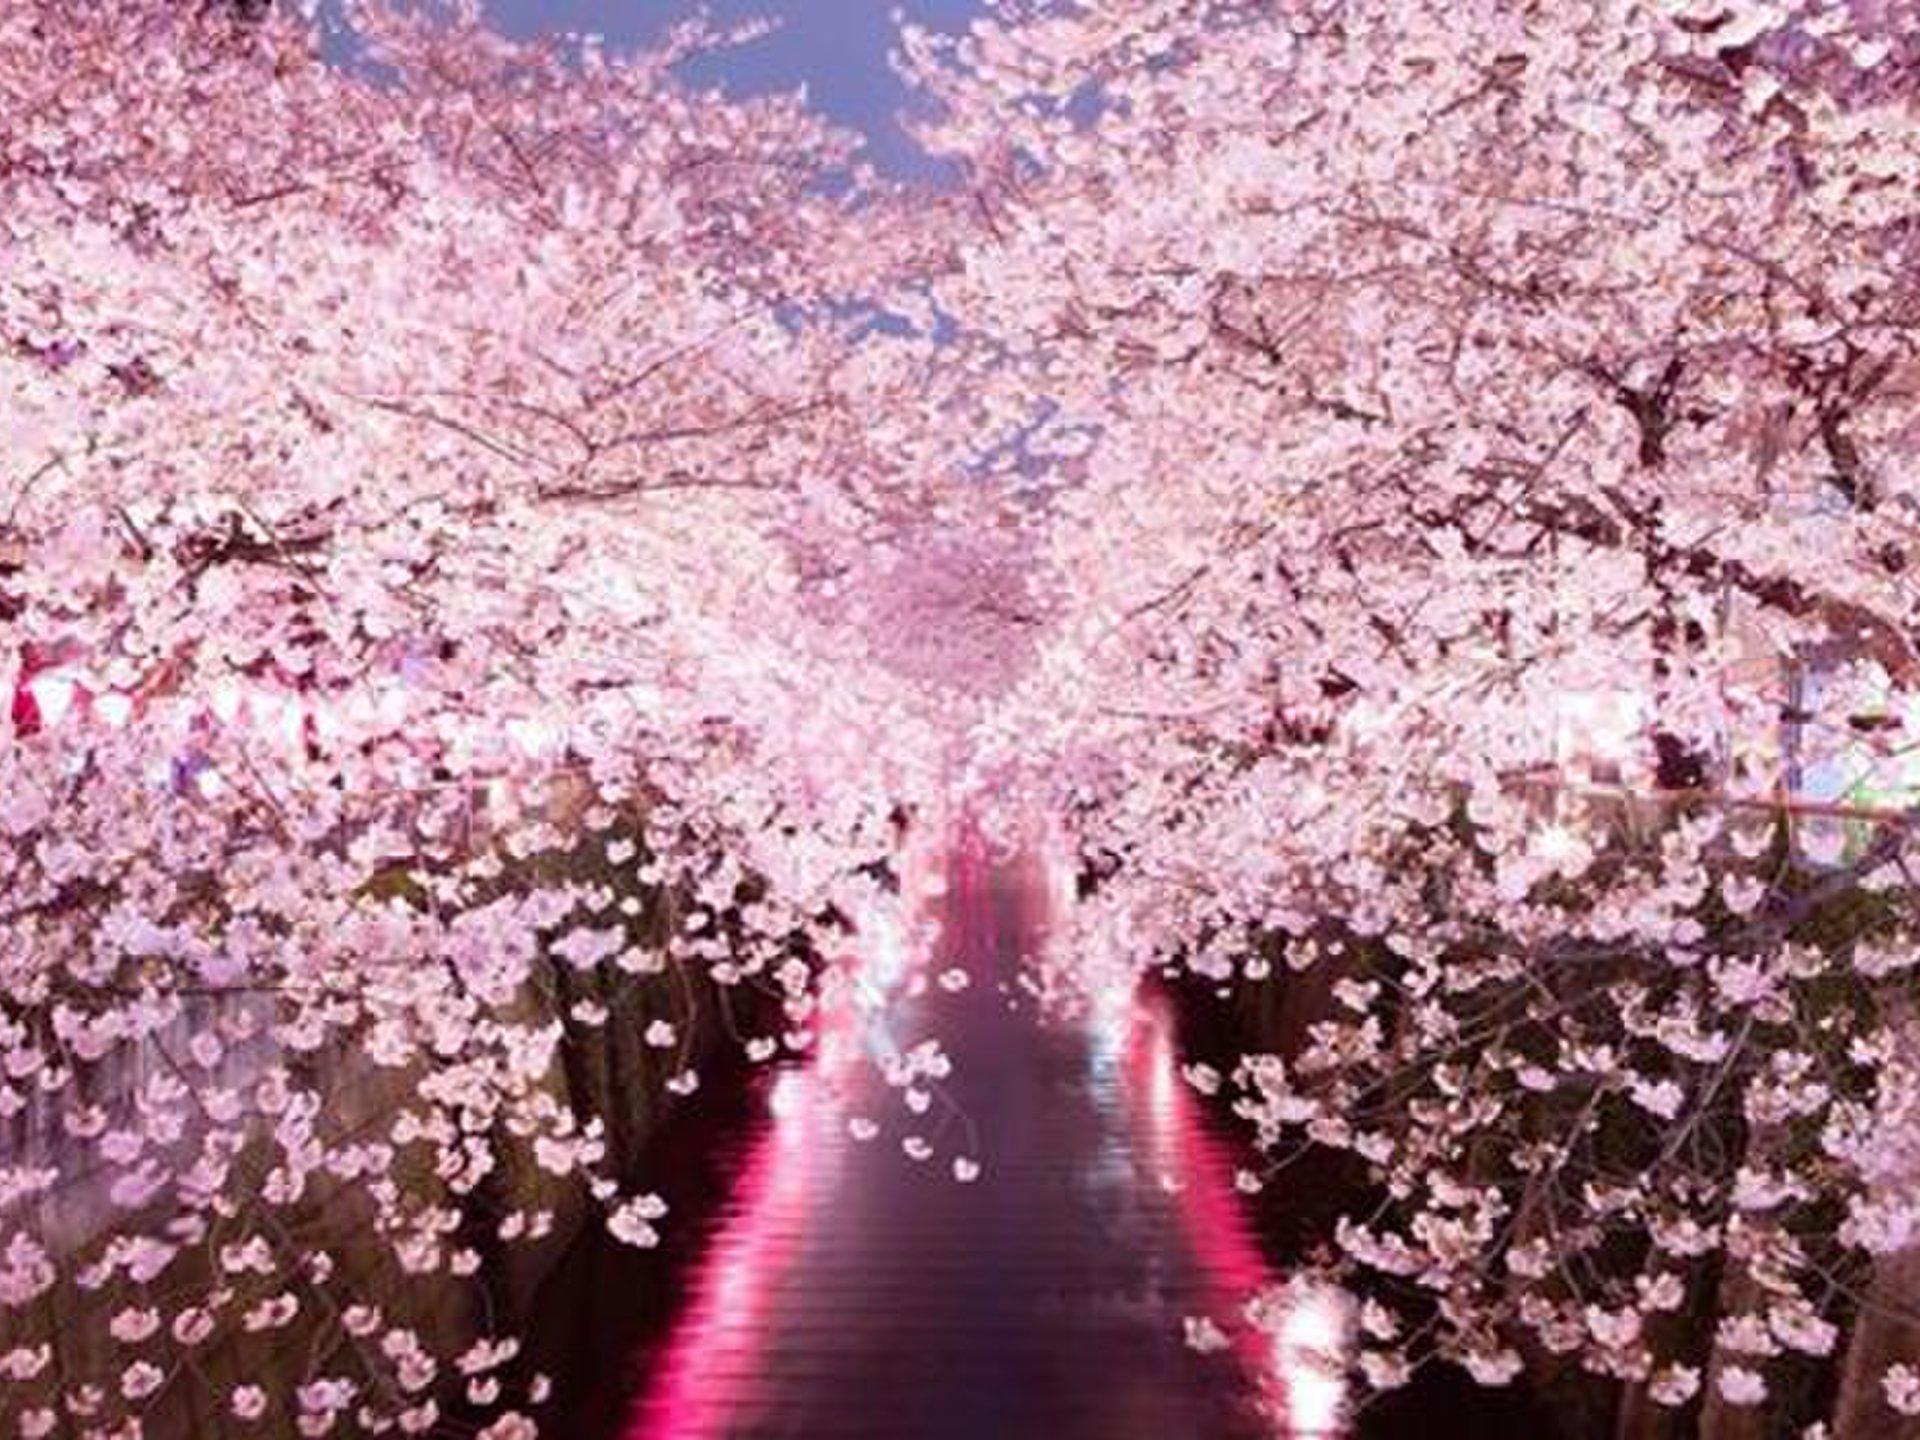 多忙カップルさん向け!中目黒で夜桜デートなんて良くないですかっ?!